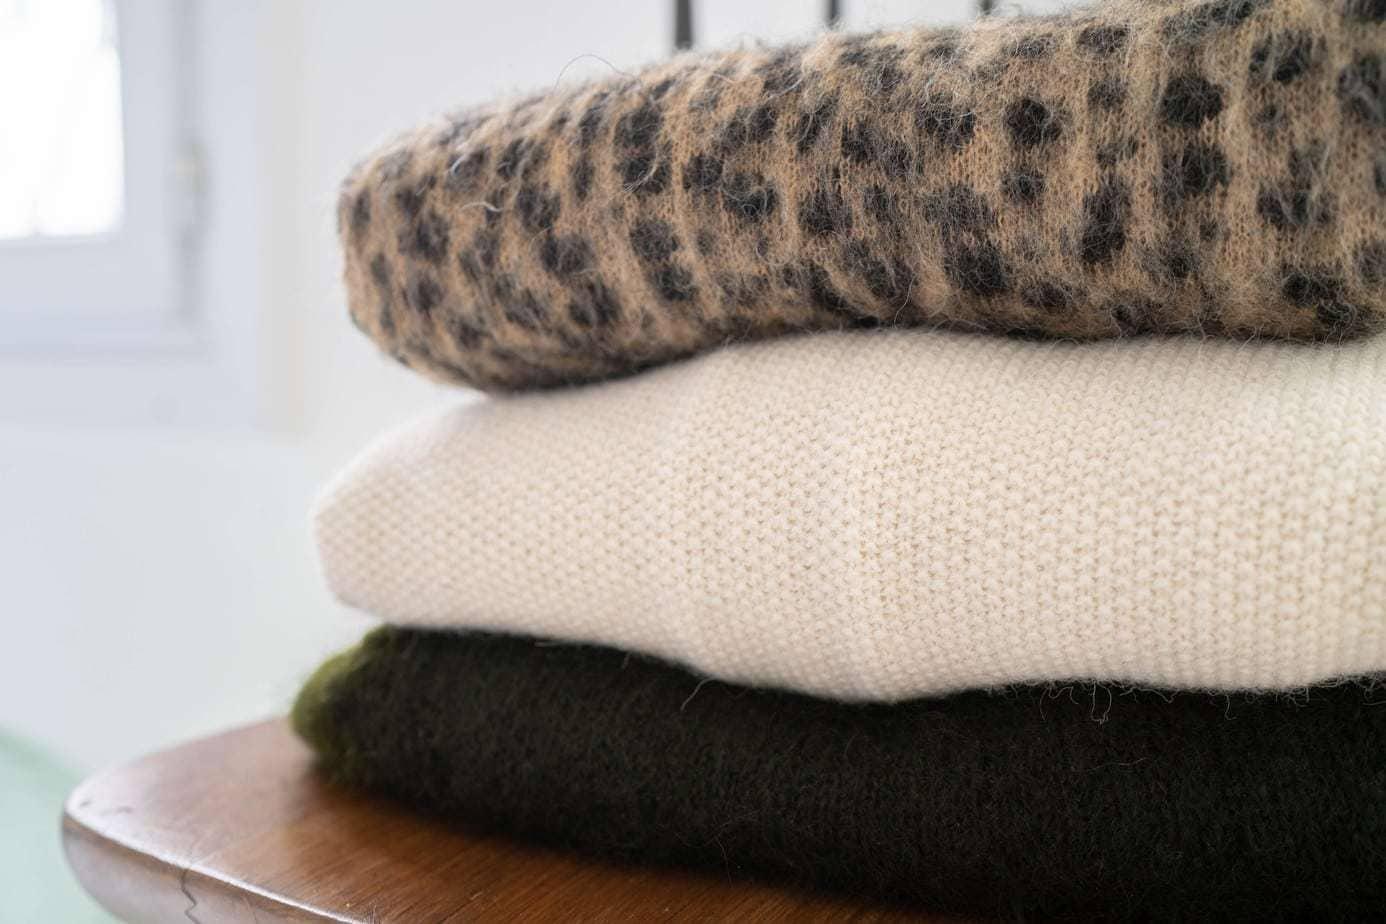 Comment Traiter Les Mites Dans Les Armoires comment laver et prendre soin de ses pulls en laine ou en